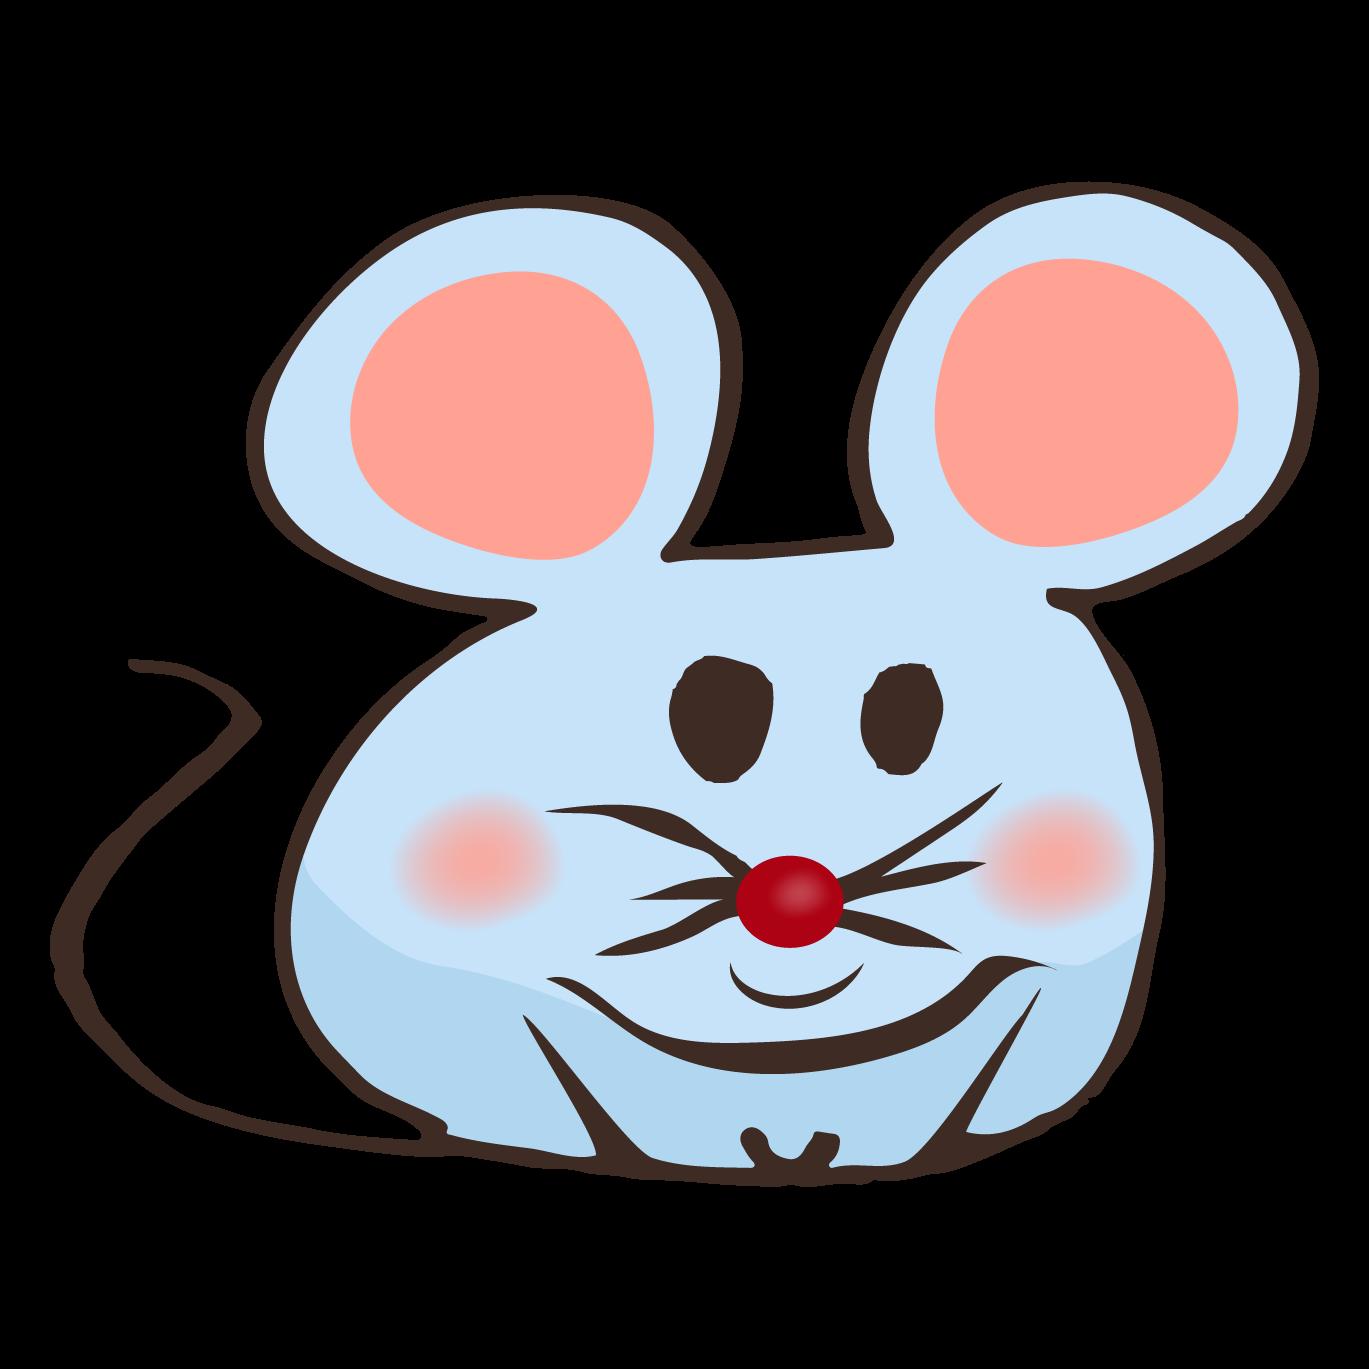 ネズミ(鼠,ねずみ)ゆるかわいい!手書き デザイン  フリー  イラスト!